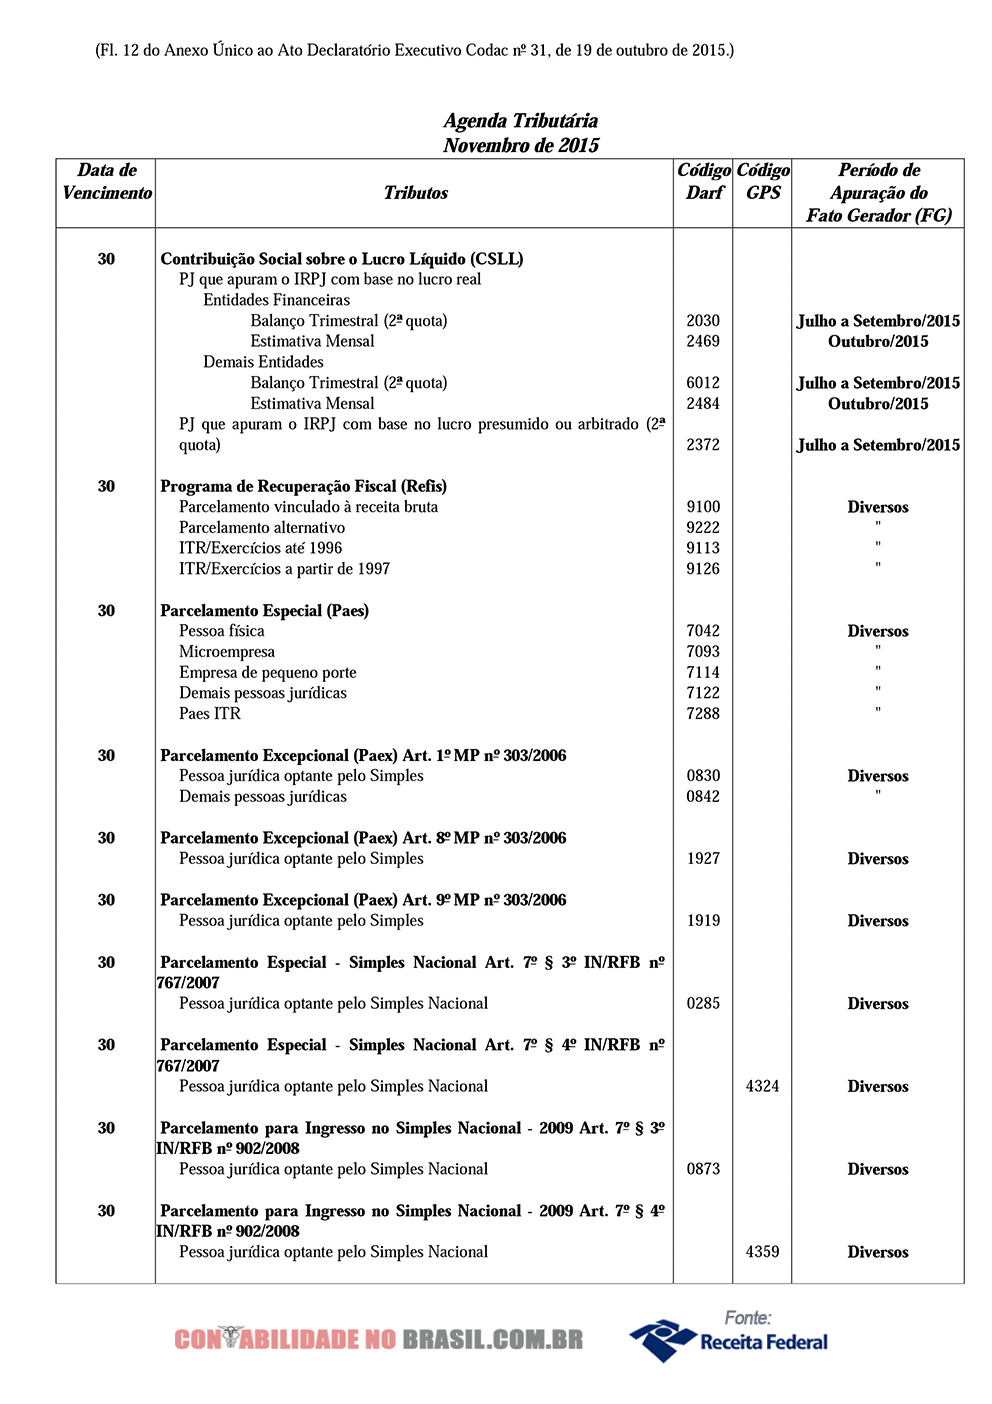 agenda tributaria novembro de 2015 12